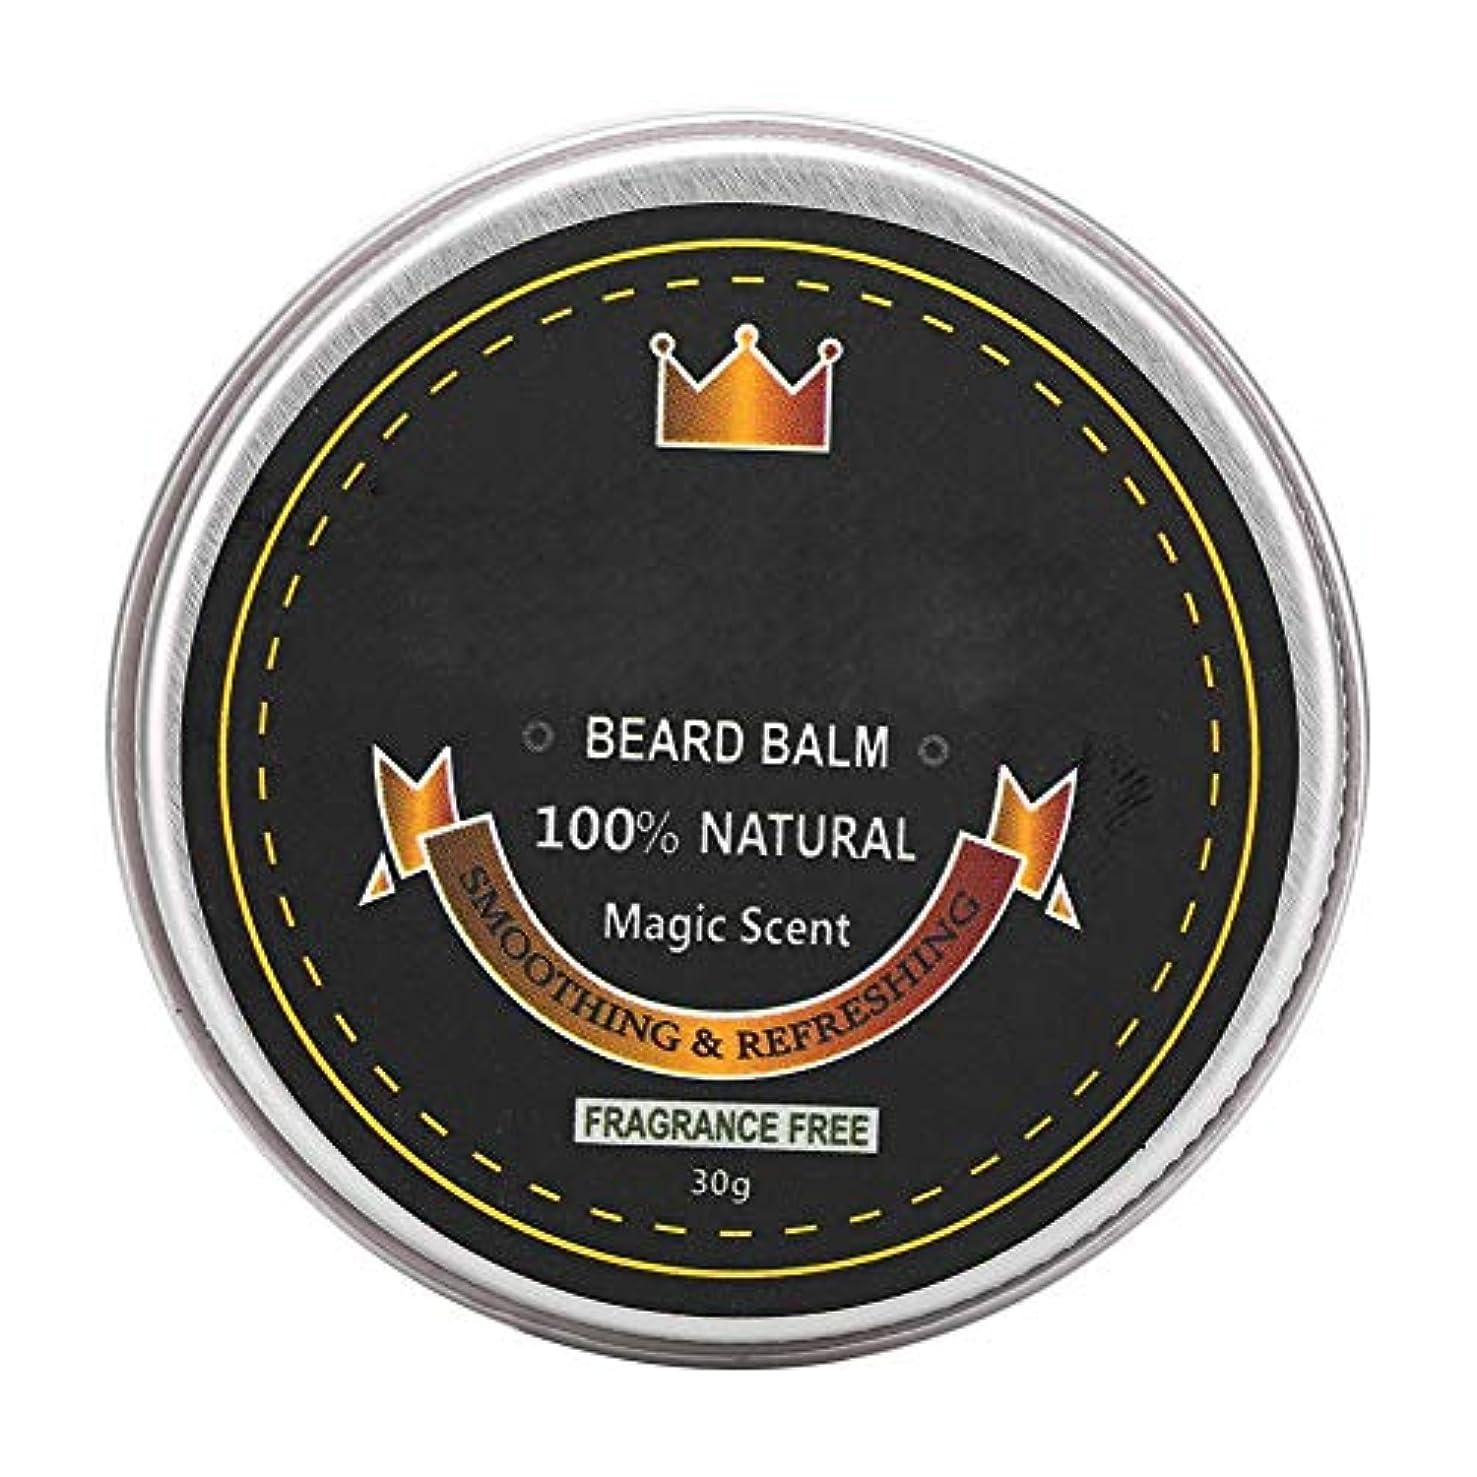 勝者胆嚢チャットひげバームコンディショナー、ひげケアグルーミングバーム、ひげを強くし、柔らかくするための口ひげ保湿スムージングワックス30g (1#)